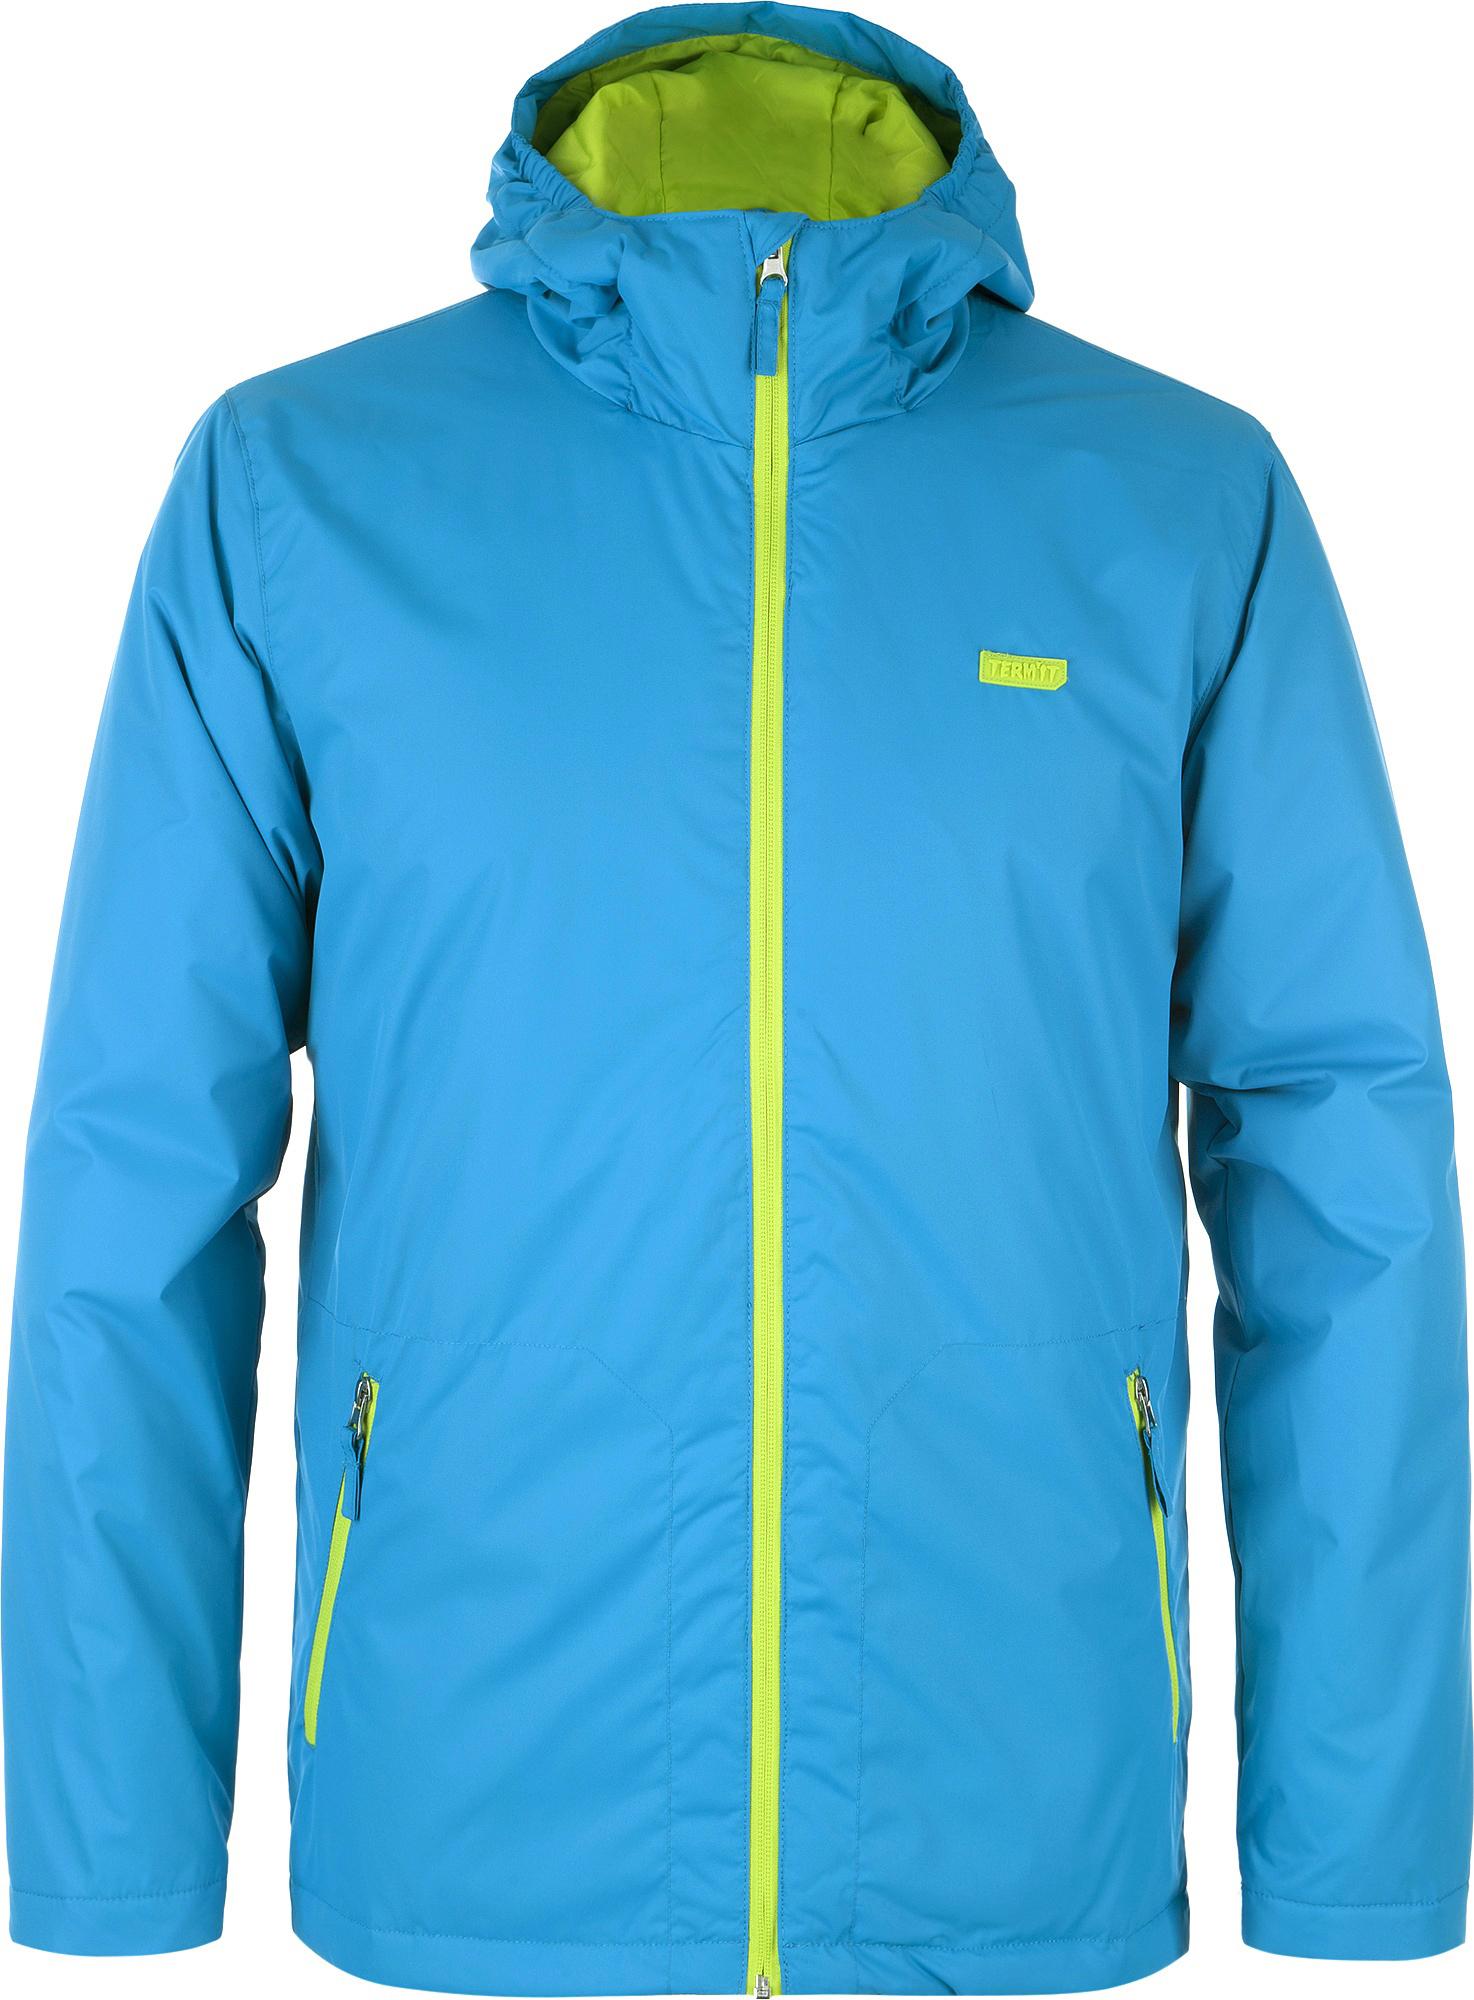 купить Termit Куртка утепленная мужская Termit, размер 48 по цене 2999 рублей